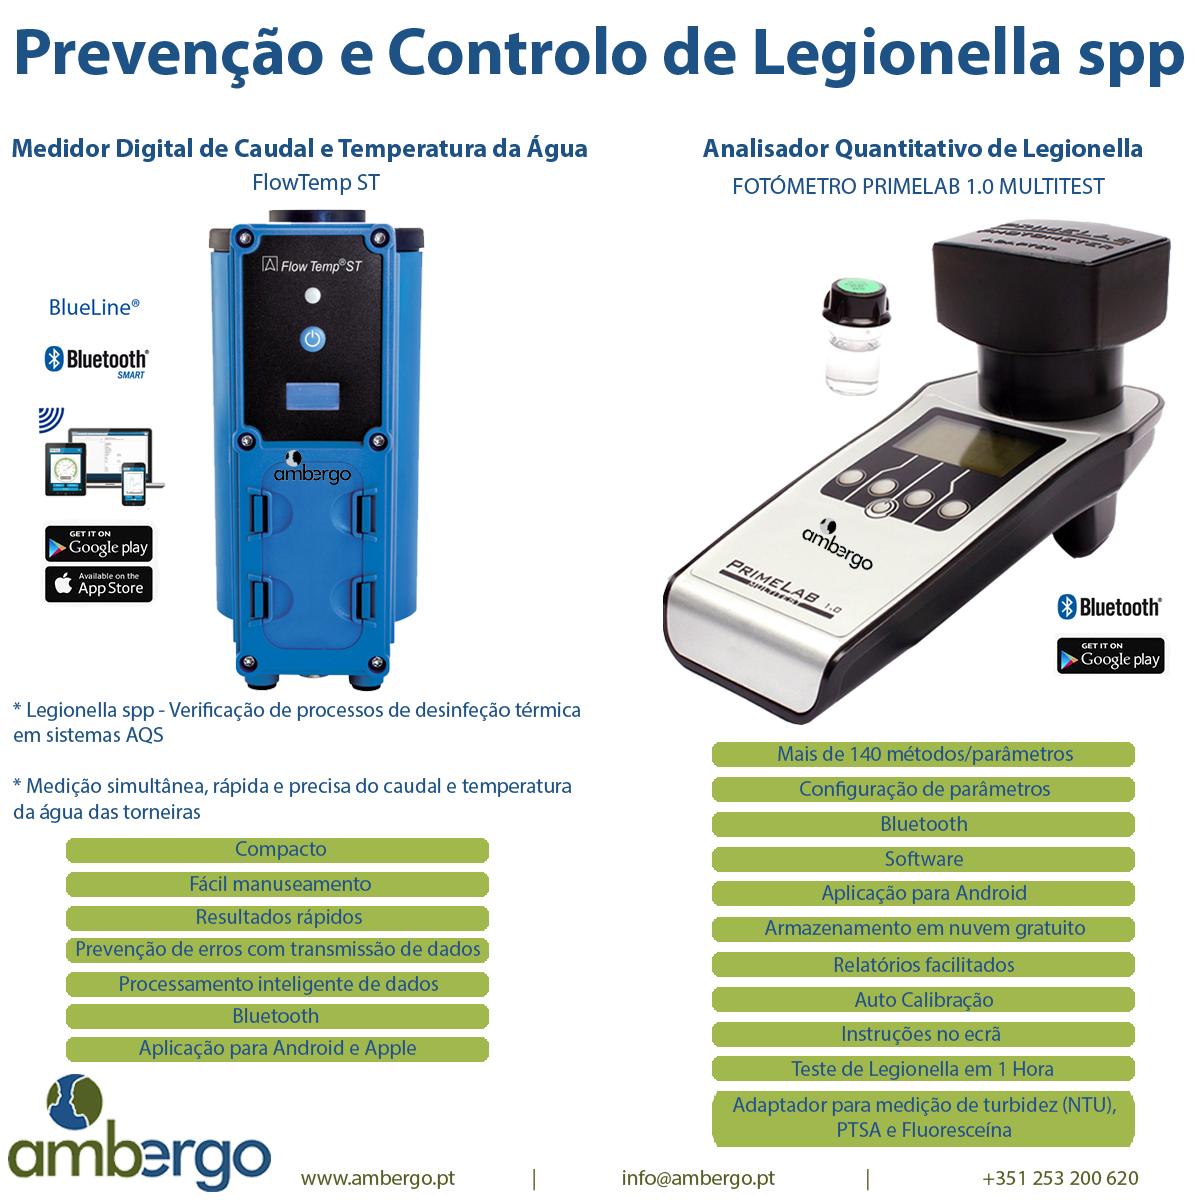 Prevenção e Controlo de Legionella spp.